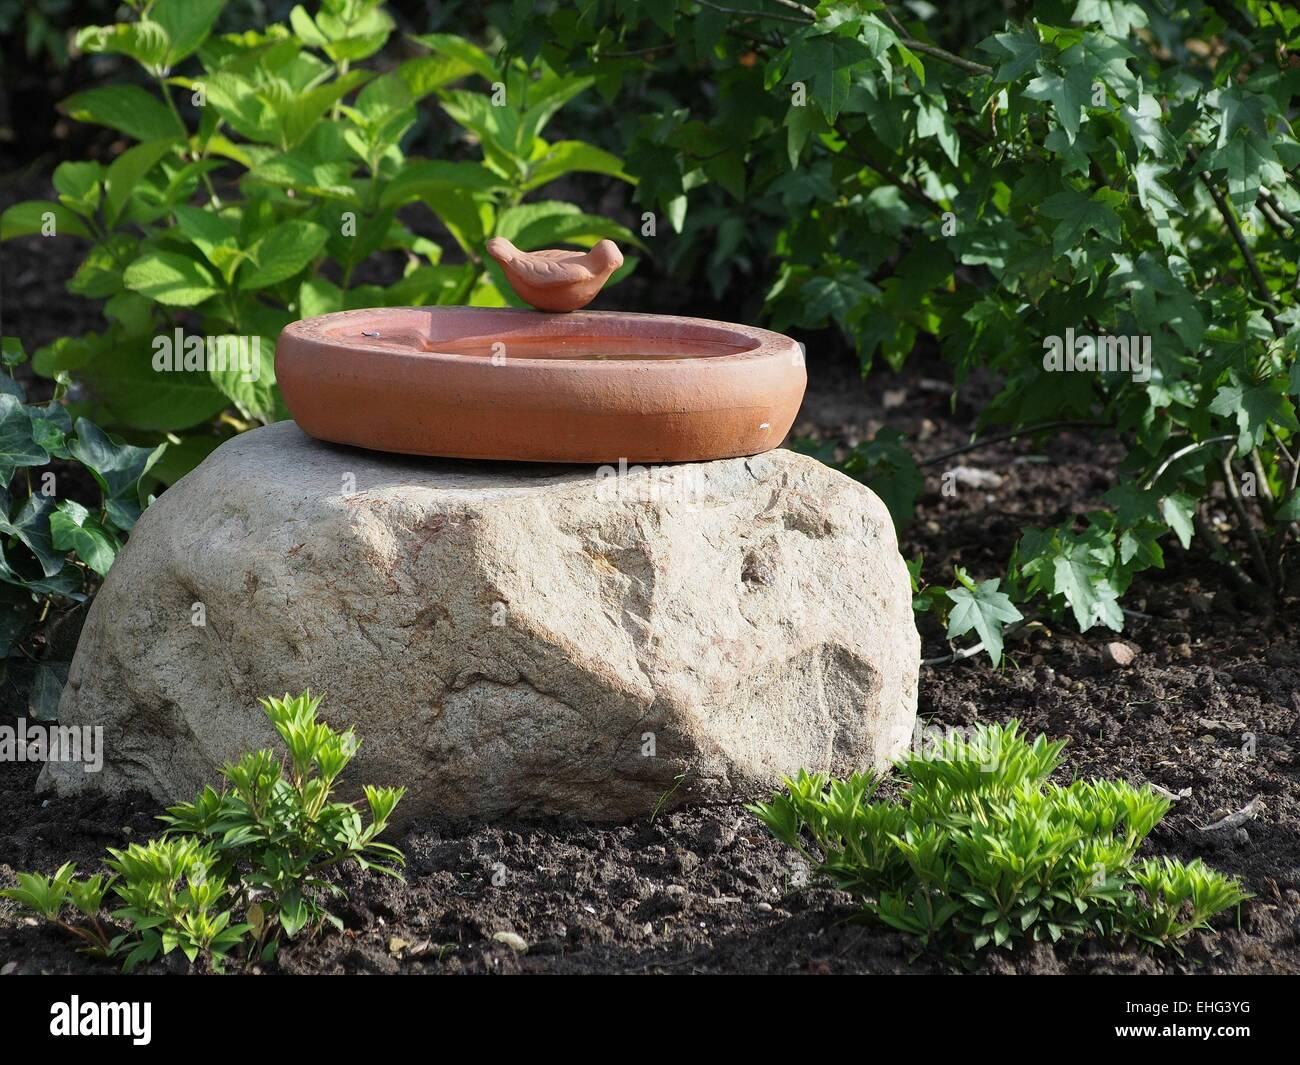 Ton Steine Garten Photos Ton Steine Garten Images Alamy